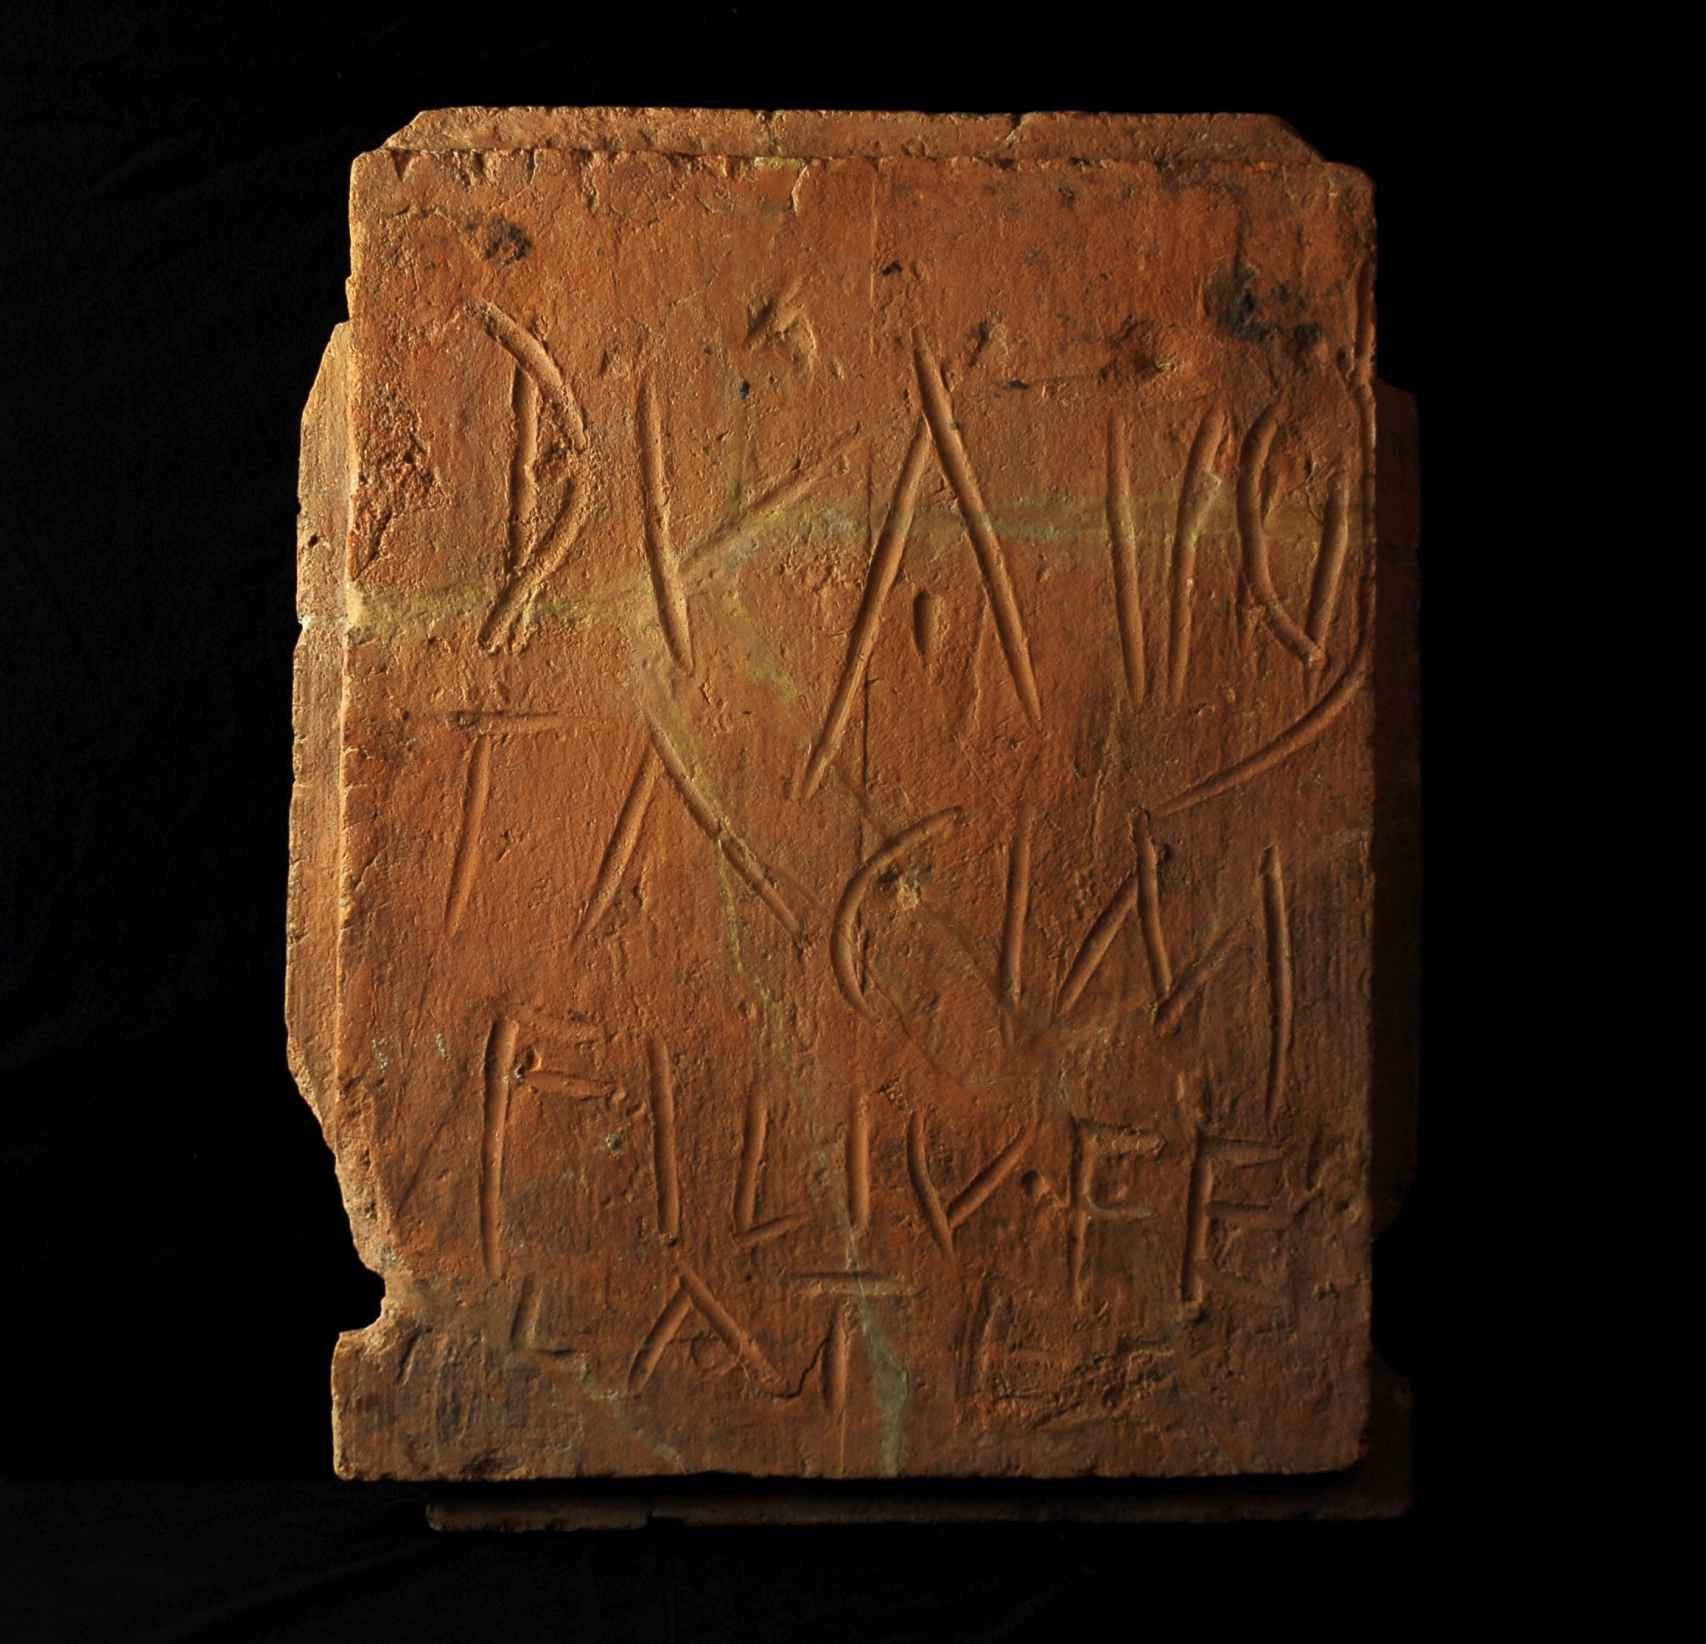 Ladrillo del siglo I d.C y hallado en la ciudad de Conimbriga, en la antigua provincia romana de Lusitania, en la que alguien escribió: Duazio, hijo de Tachino, te lo chupa a ti.